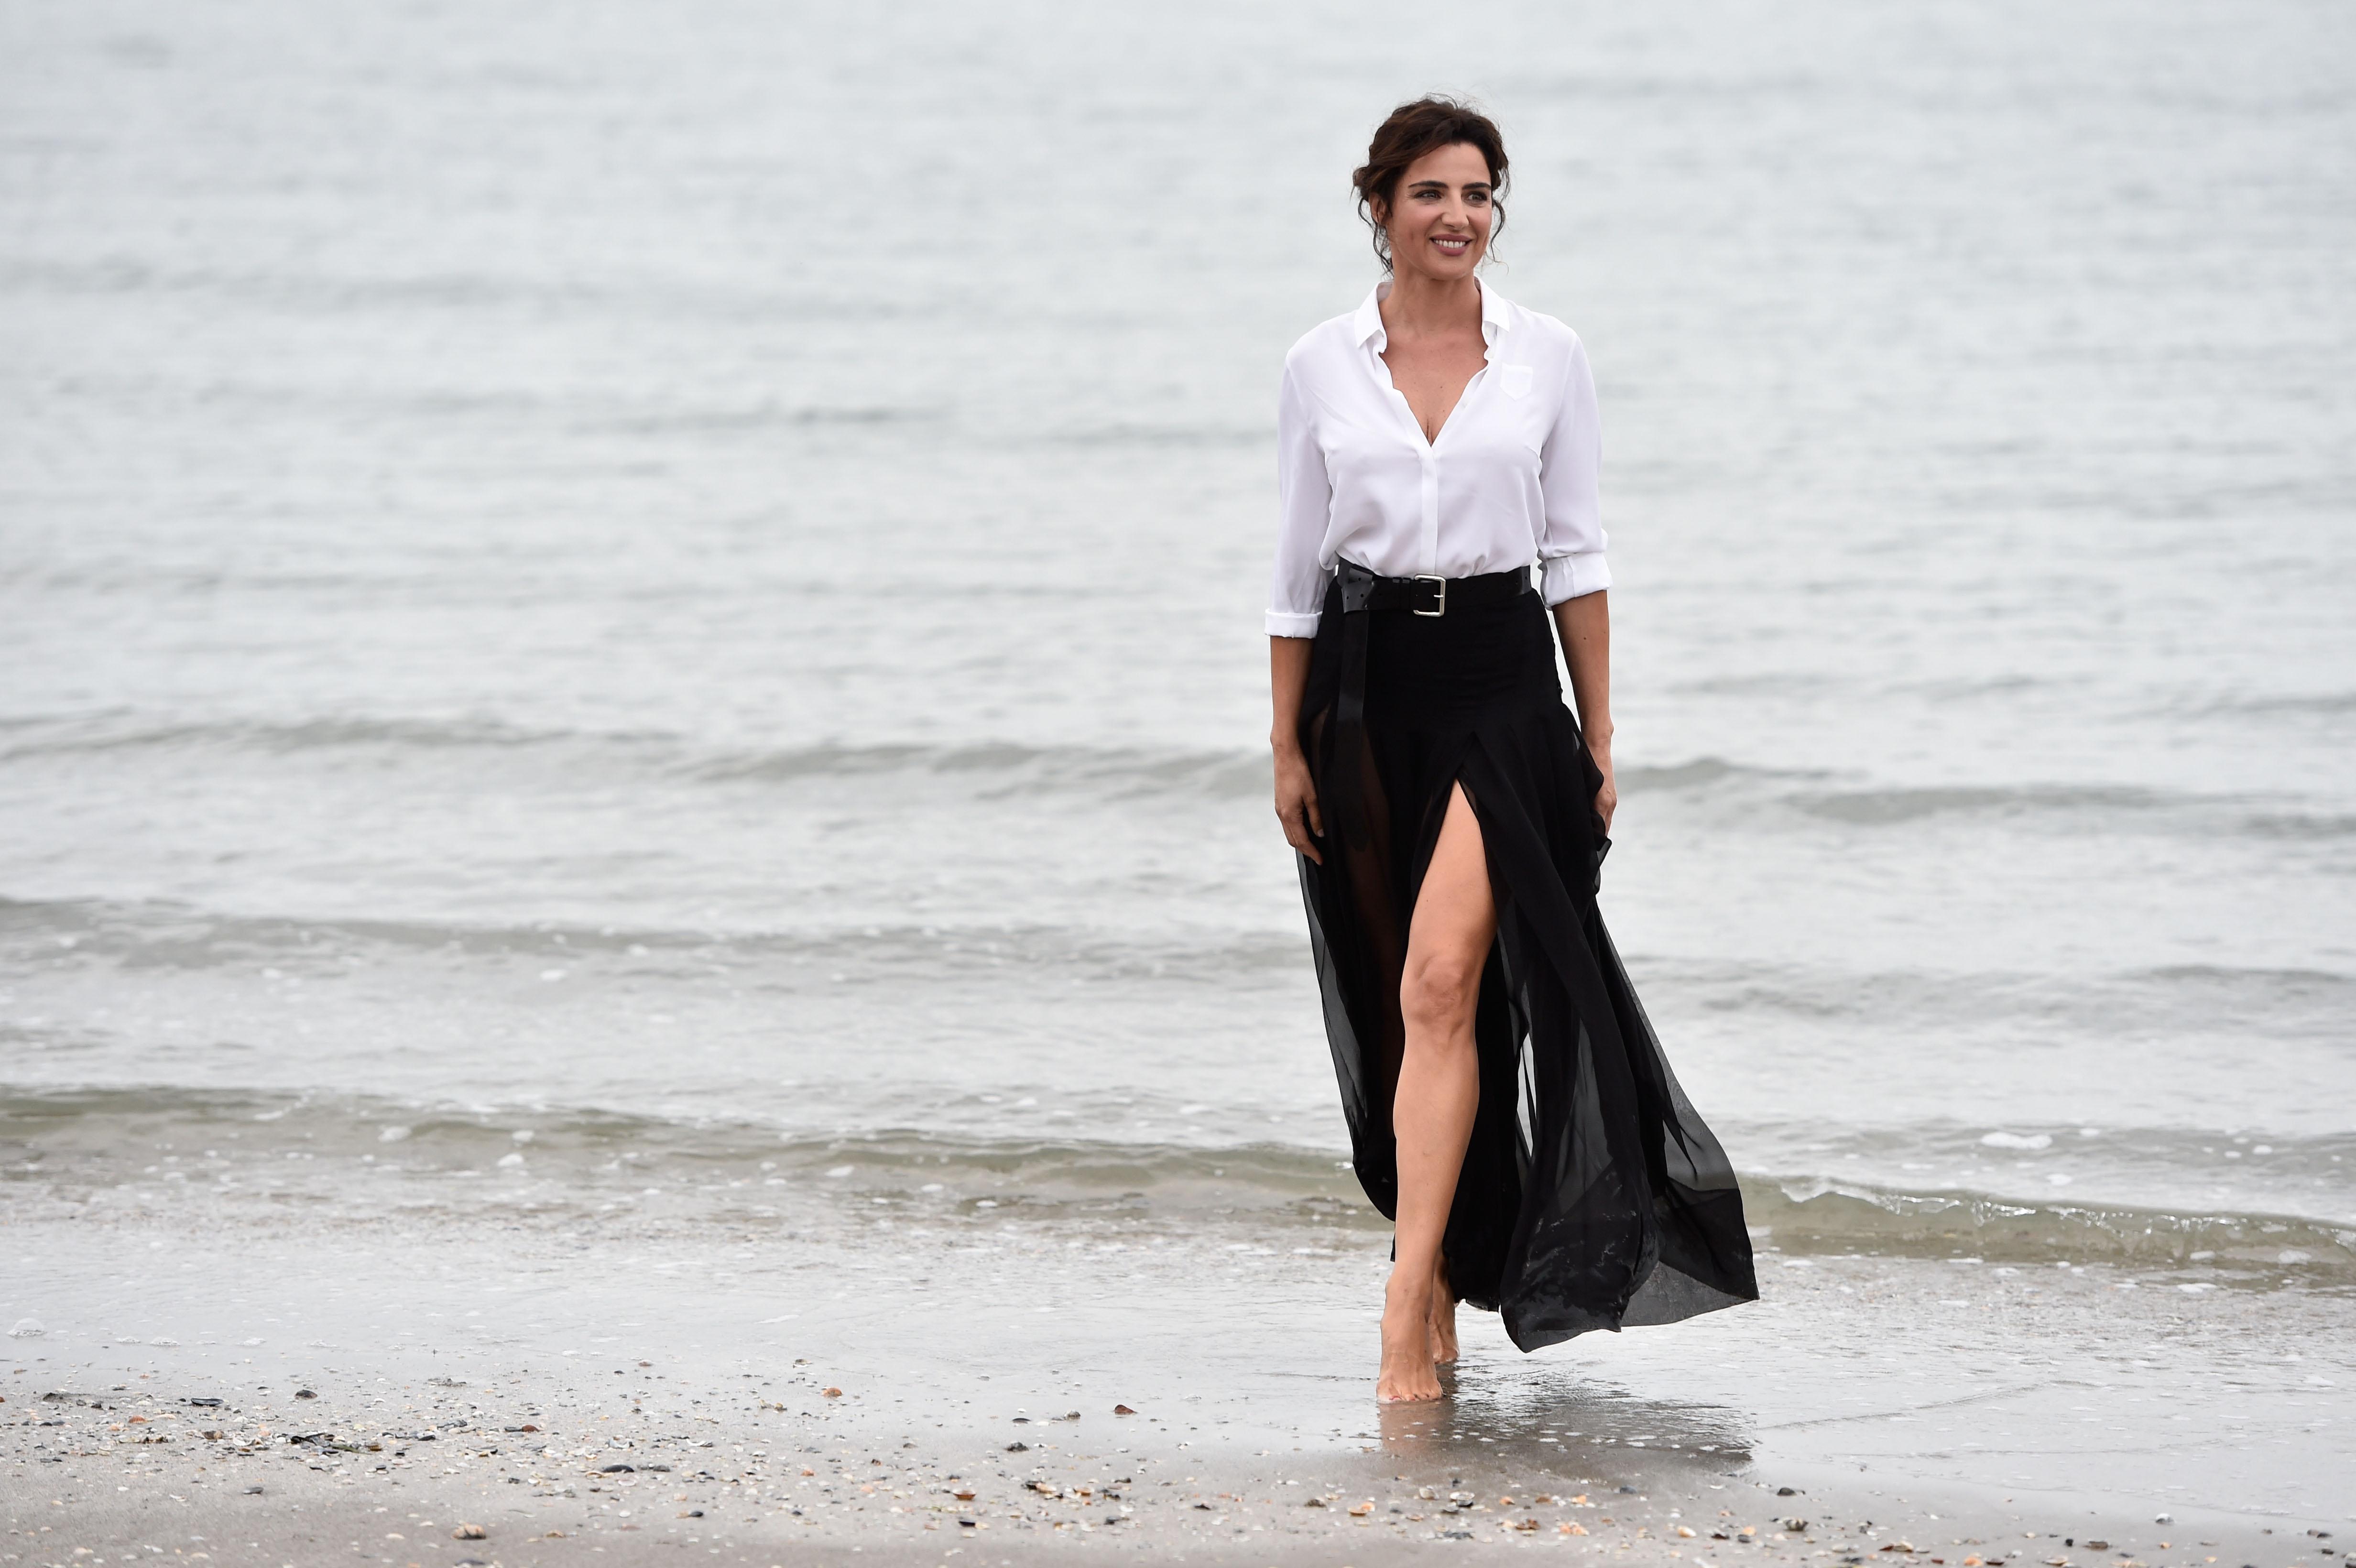 Luisa Ranieri, splendida tra le onde dà il via al Festival di Venezia (FOTO)